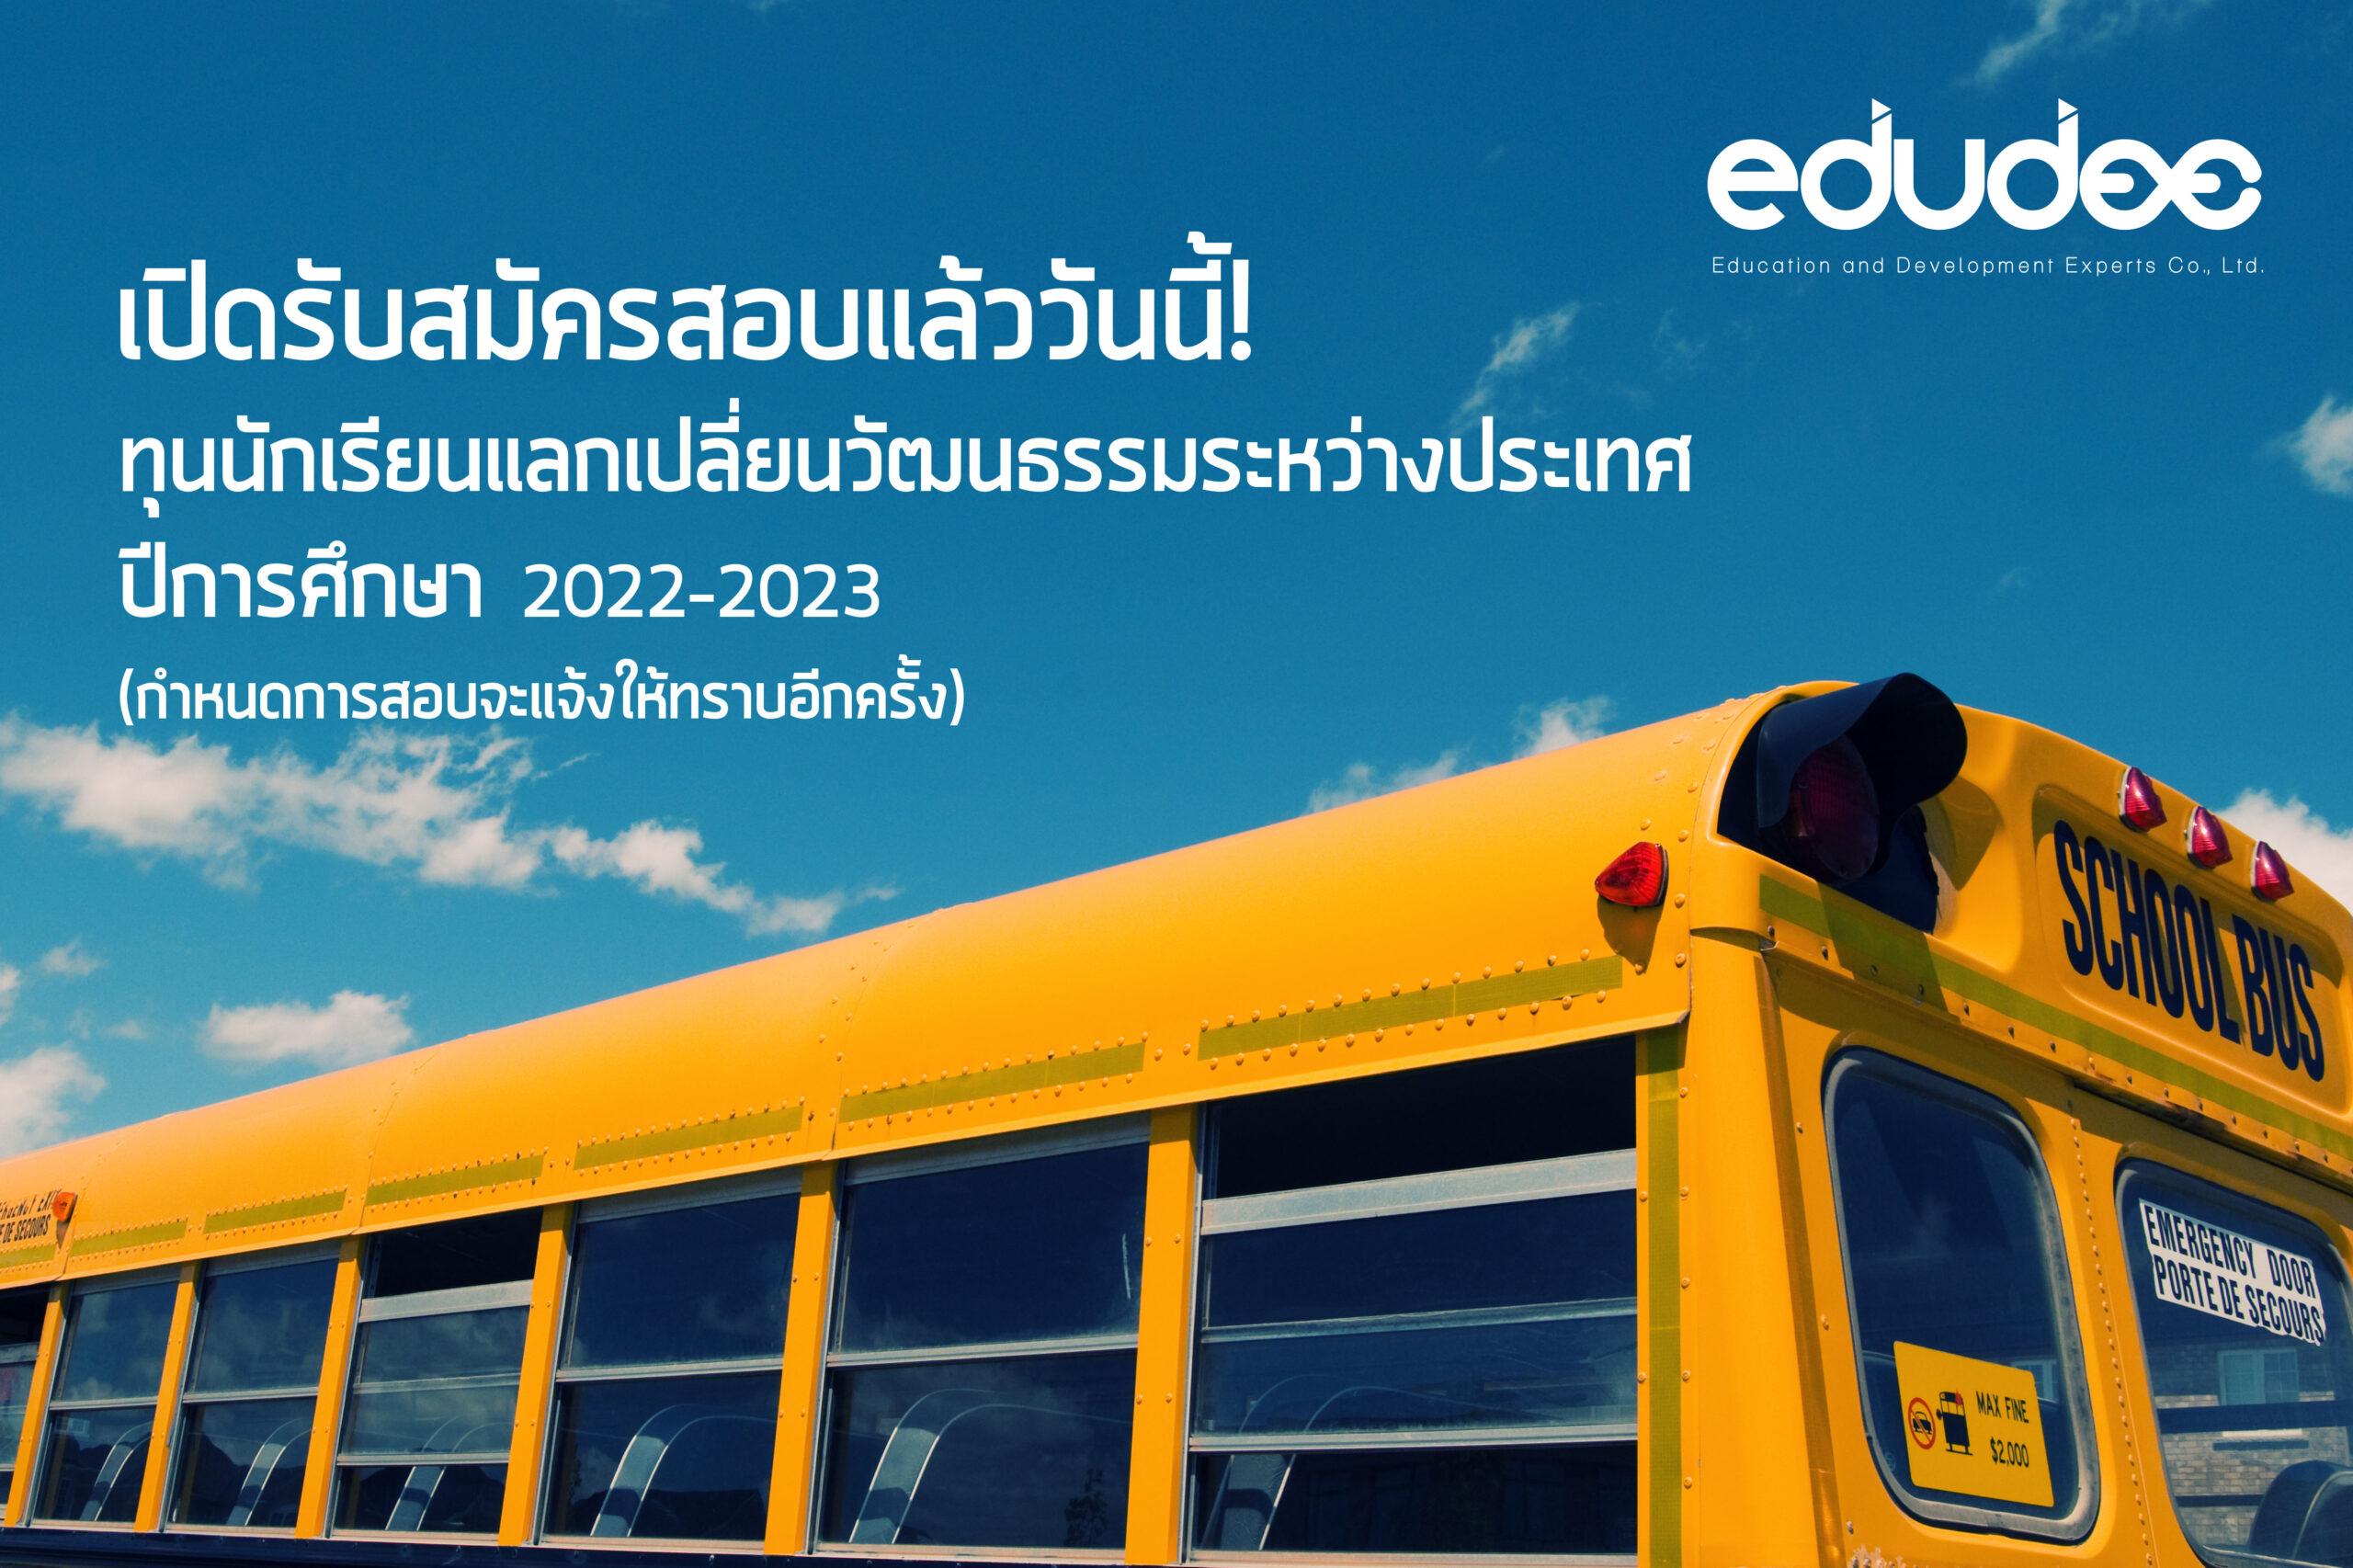 เปิดรับสมัครสอบชิงทุนแลกเปลี่ยนปี 2022-2023